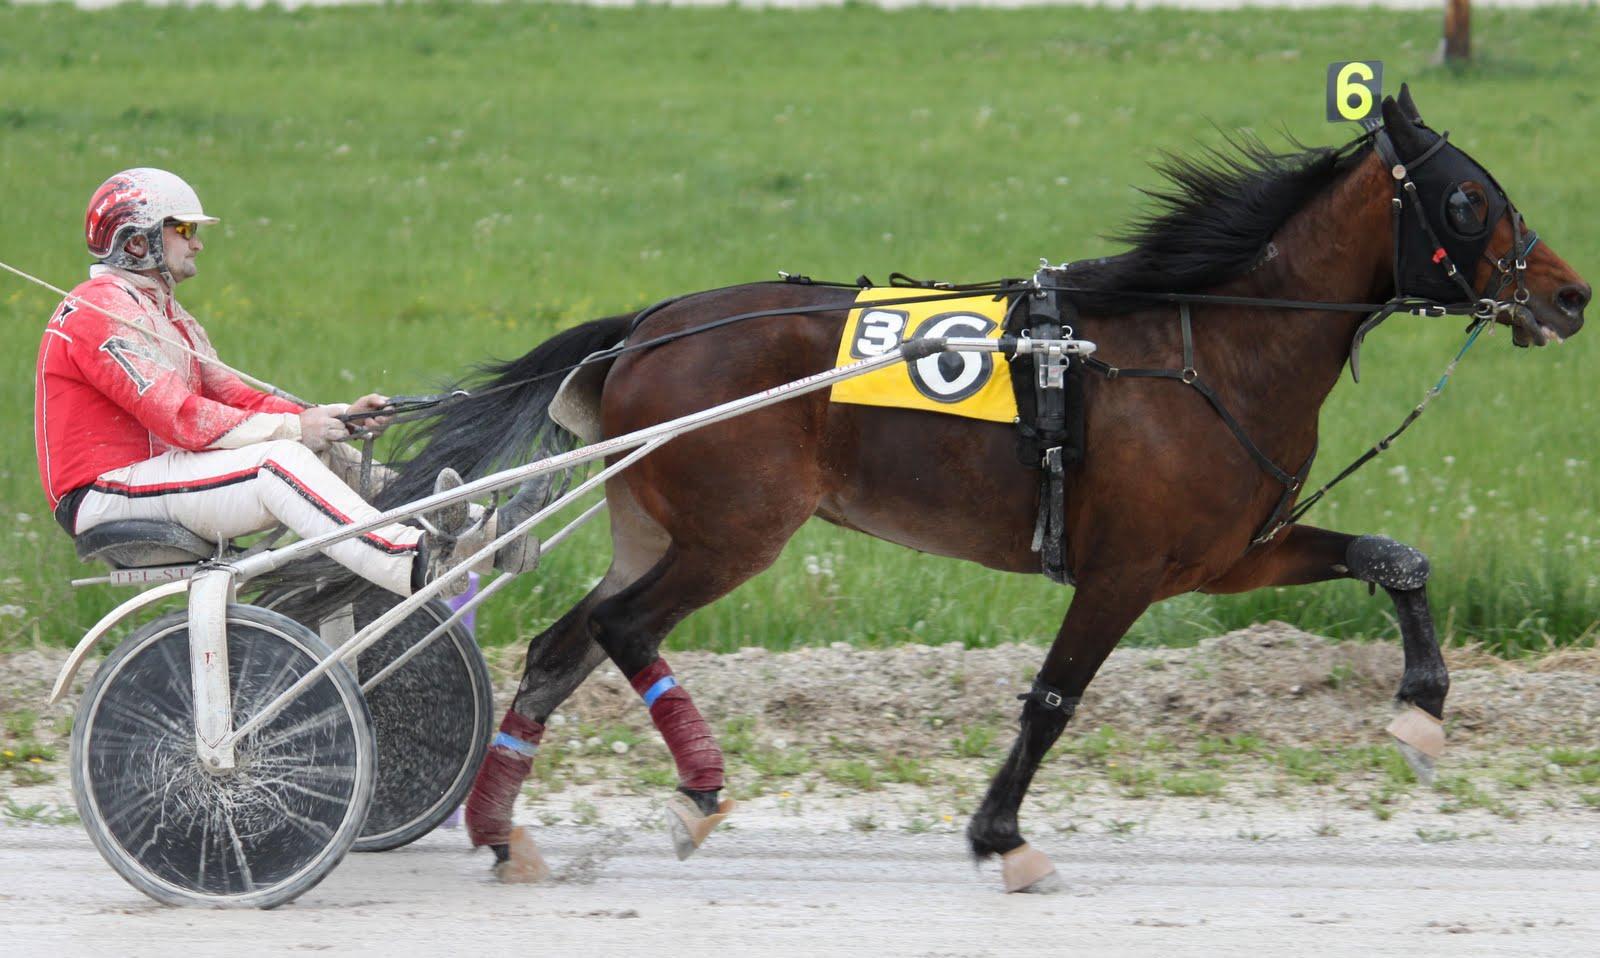 Race 3 nw $1000 in Last 5